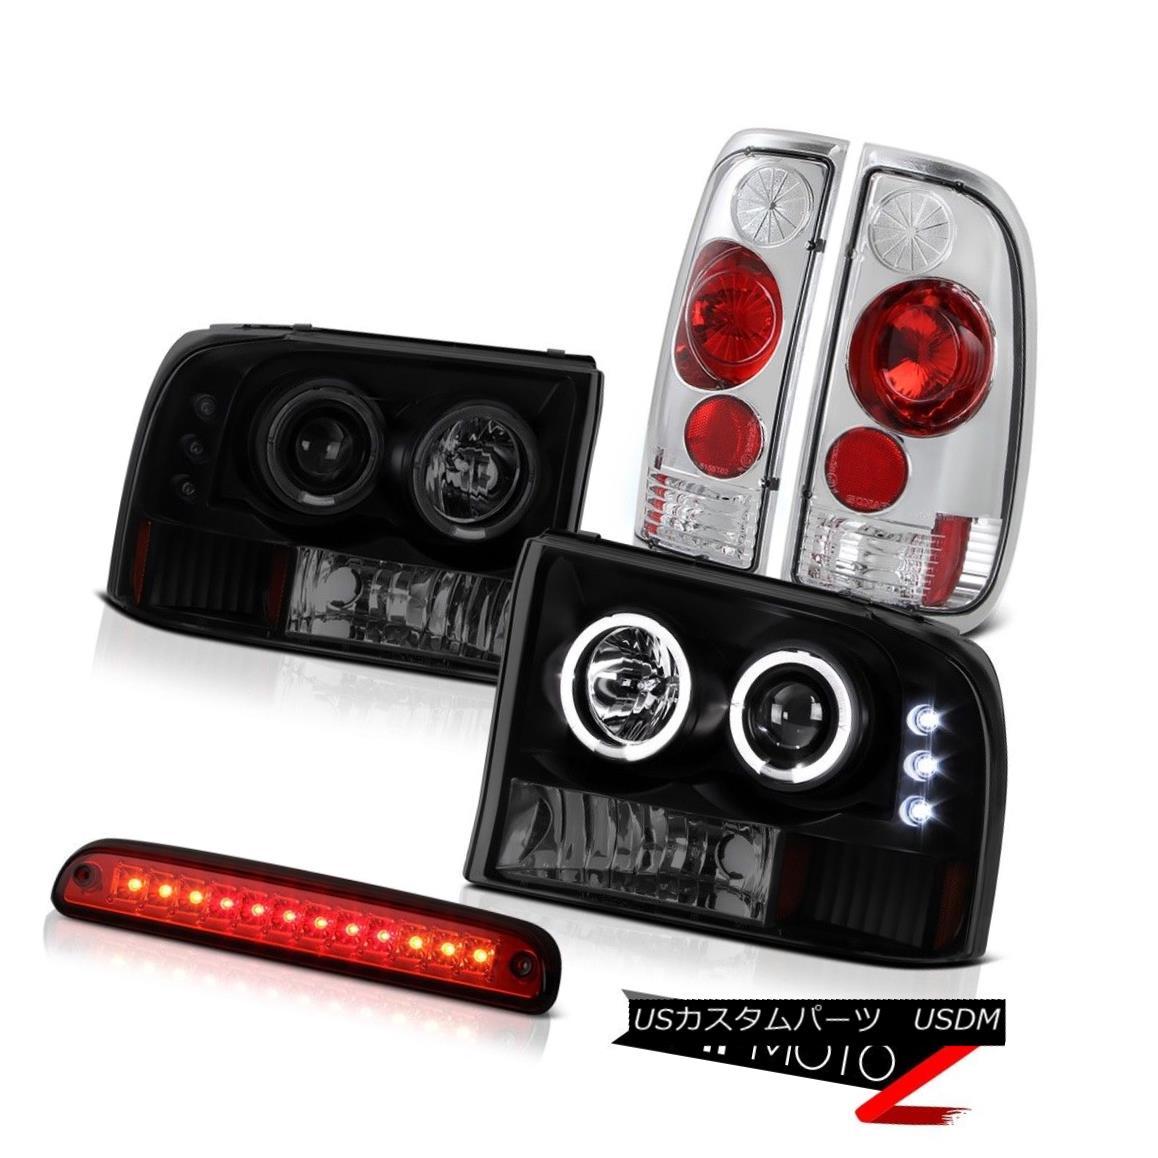 ヘッドライト Halo SINSTER BLACK Headlight Roof Brake Cargo LED Rear Taillamp 99-04 F250 XL Halo SINISTER BLACKヘッドライトルーフブレーキカーゴLEDリアテールランプ99-04 F250 XL